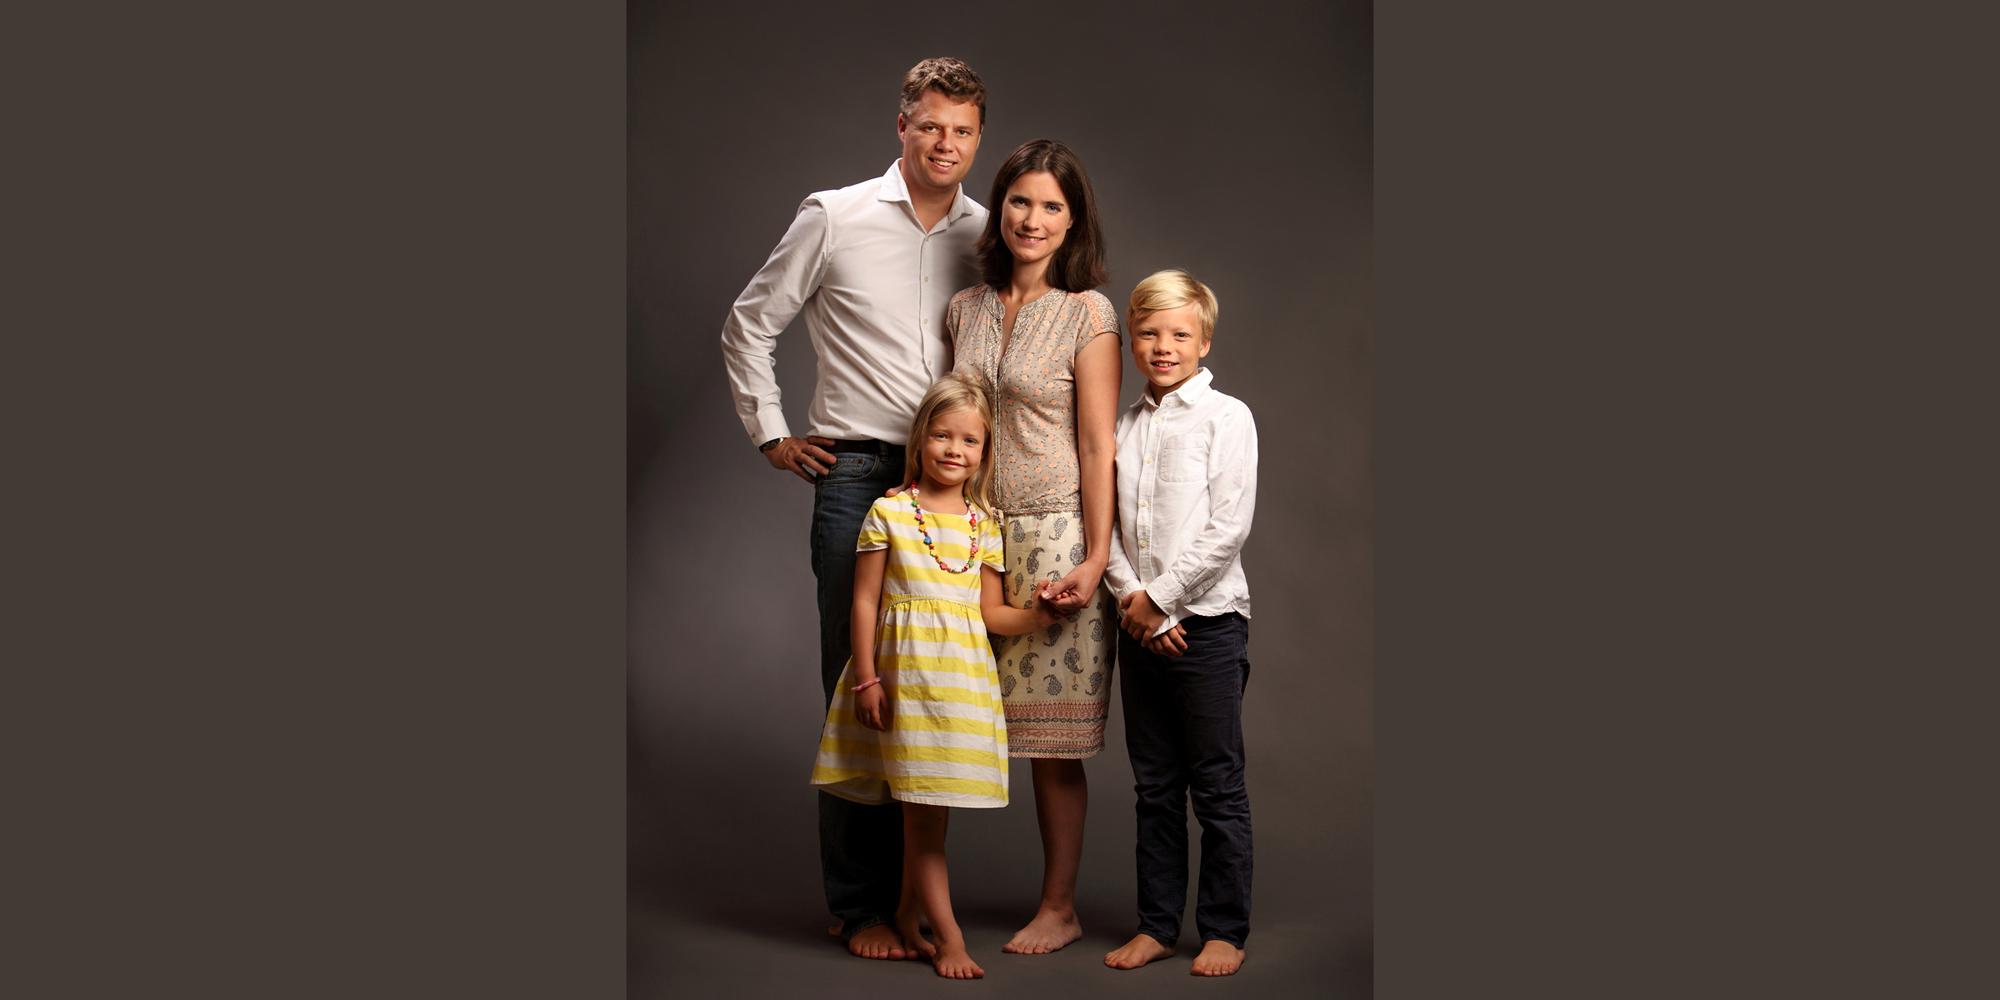 Ganzkörperportrait eines Mannes, einer dunkelhaarigen Frau, einem größeren Jungen und einem kleinen, blonden Mädchen in gestreiftem Sommerkleid, die alle barfuß dicht beieinander stehen und freundlich schauen (Familienportrait).